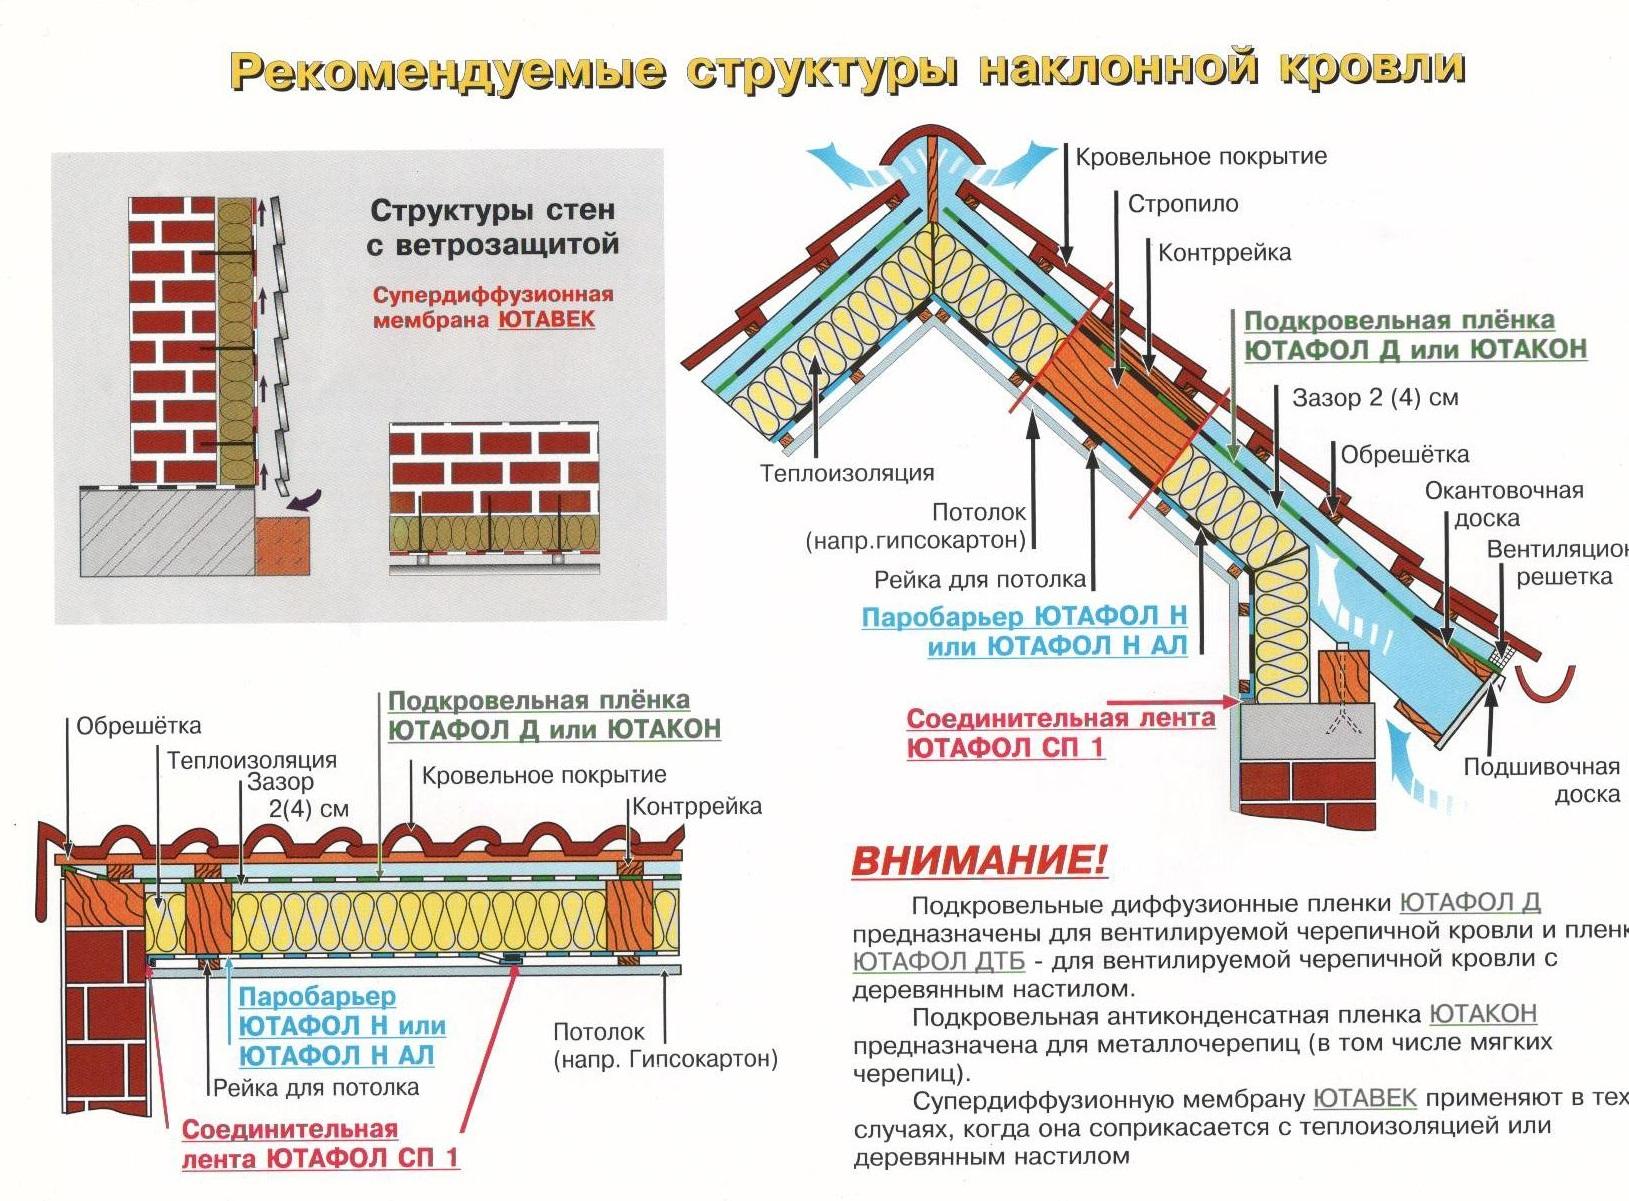 Пленка пароизоляционная ютафол и ее основные свойства: технические характеристики